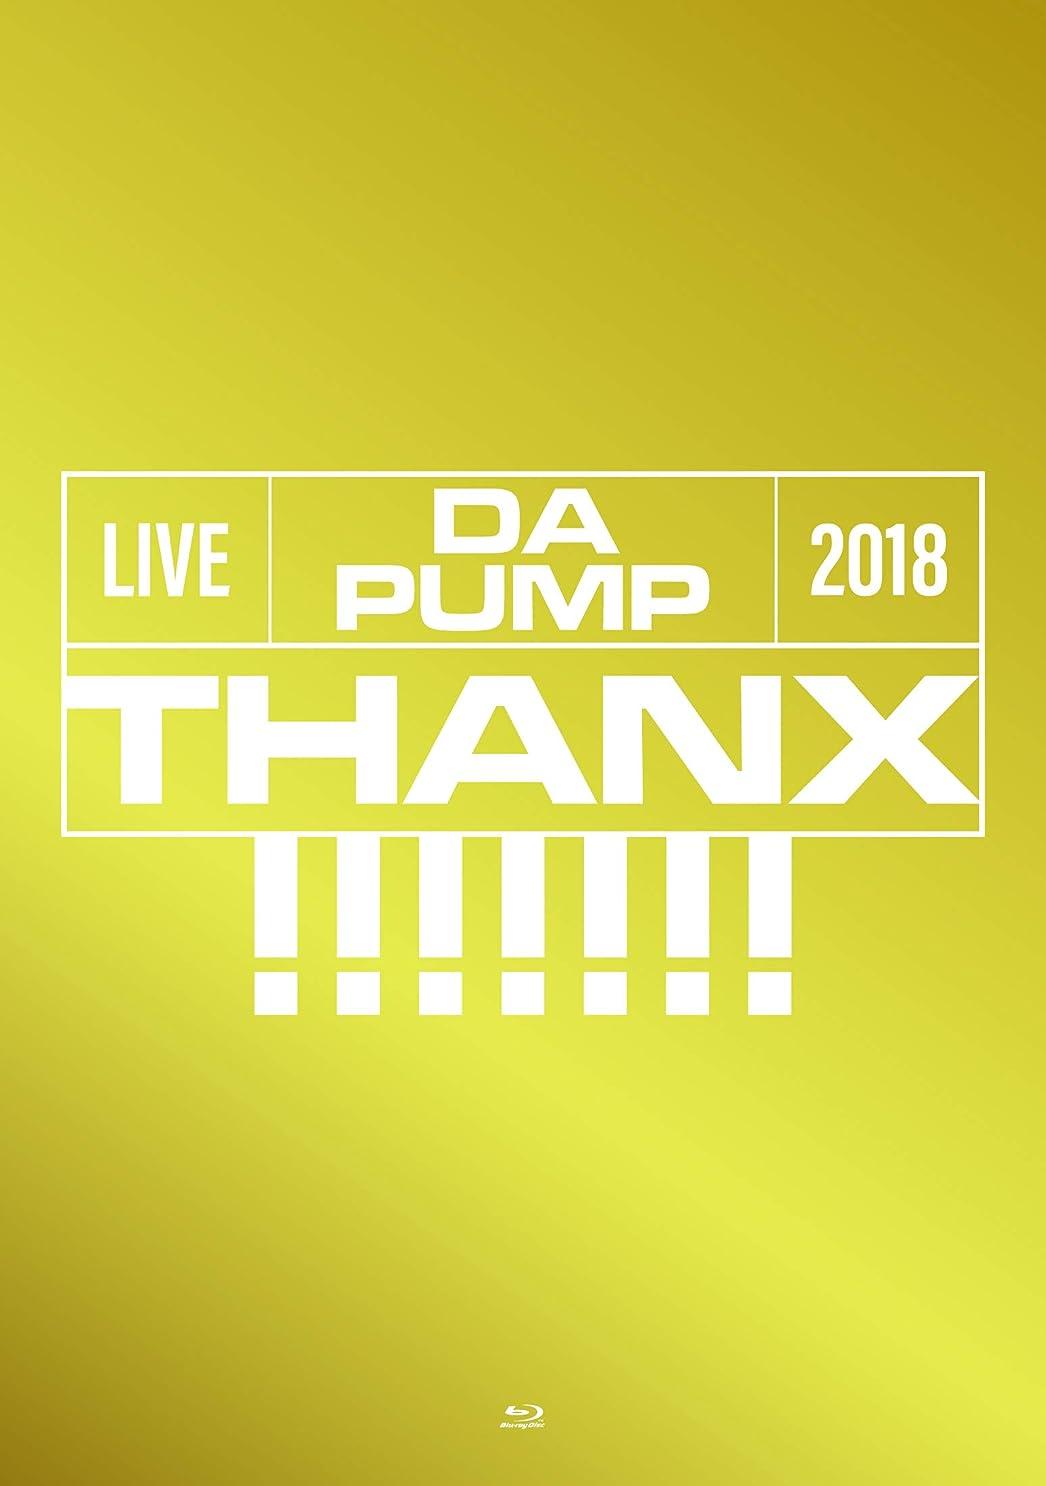 悲惨なシュート教育者【メーカー特典あり】LIVE DA PUMP 2018 THANX!!!!!!! at 東京国際フォーラム ホールA(Blu-ray Disc+CD2枚組)(ライブ写真ポストカード7種セット付)